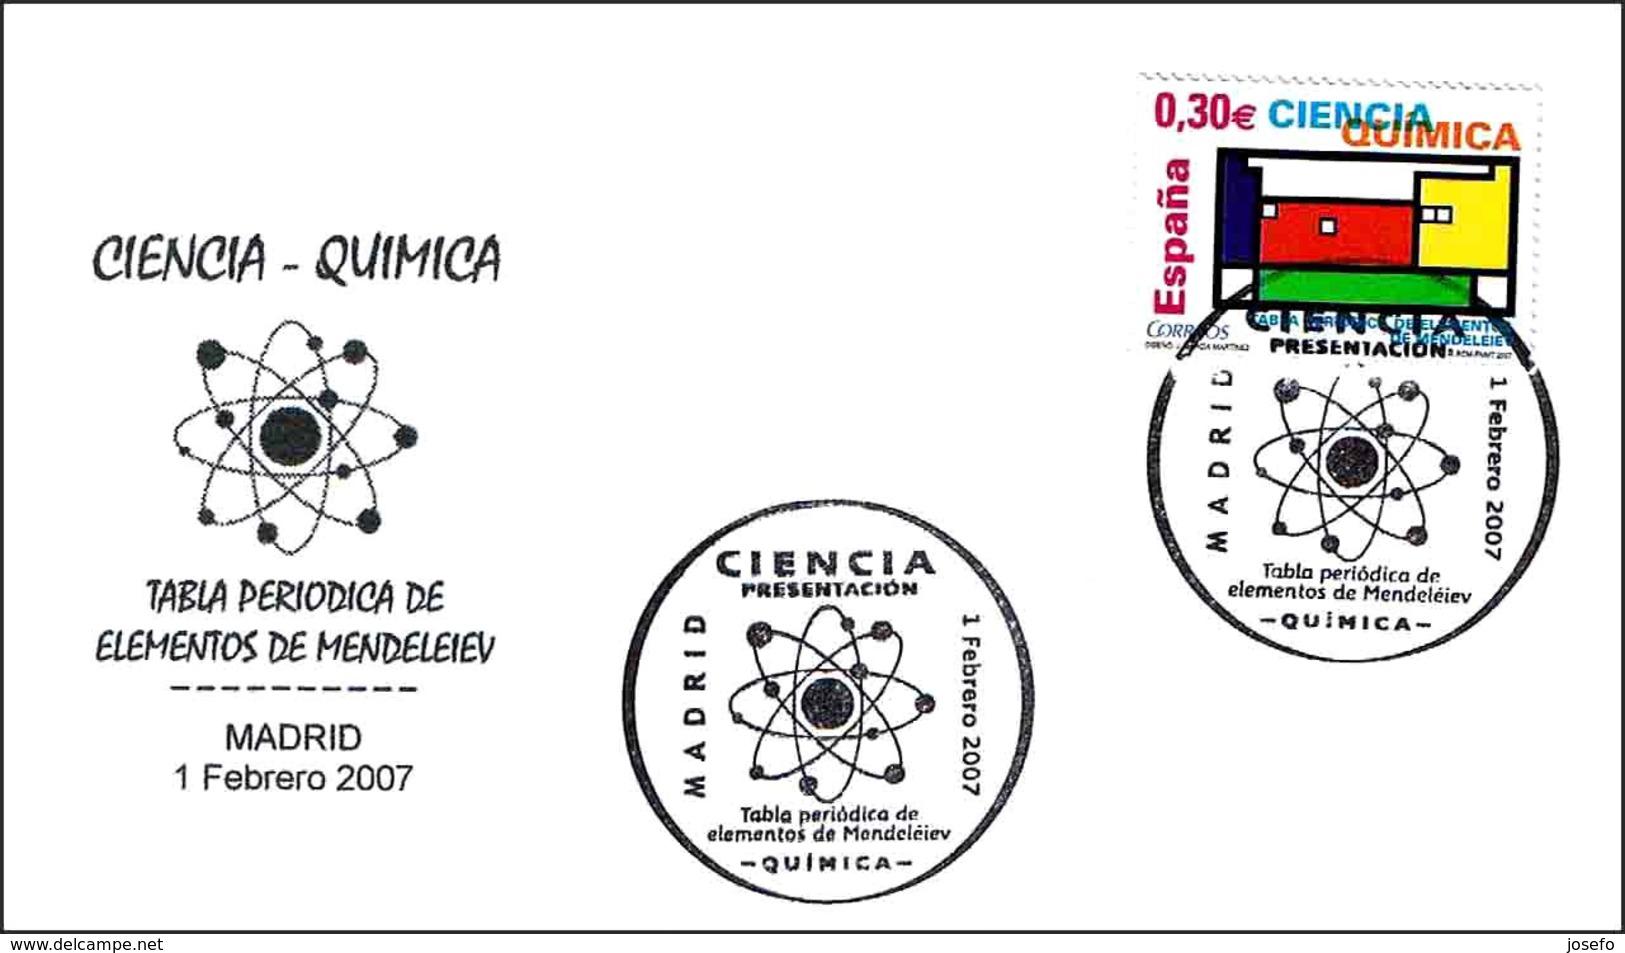 TABLA PERIODICA DE MENDELEIEV. QUIMICA - CHEMISTRY. Madrid 2007 - Química